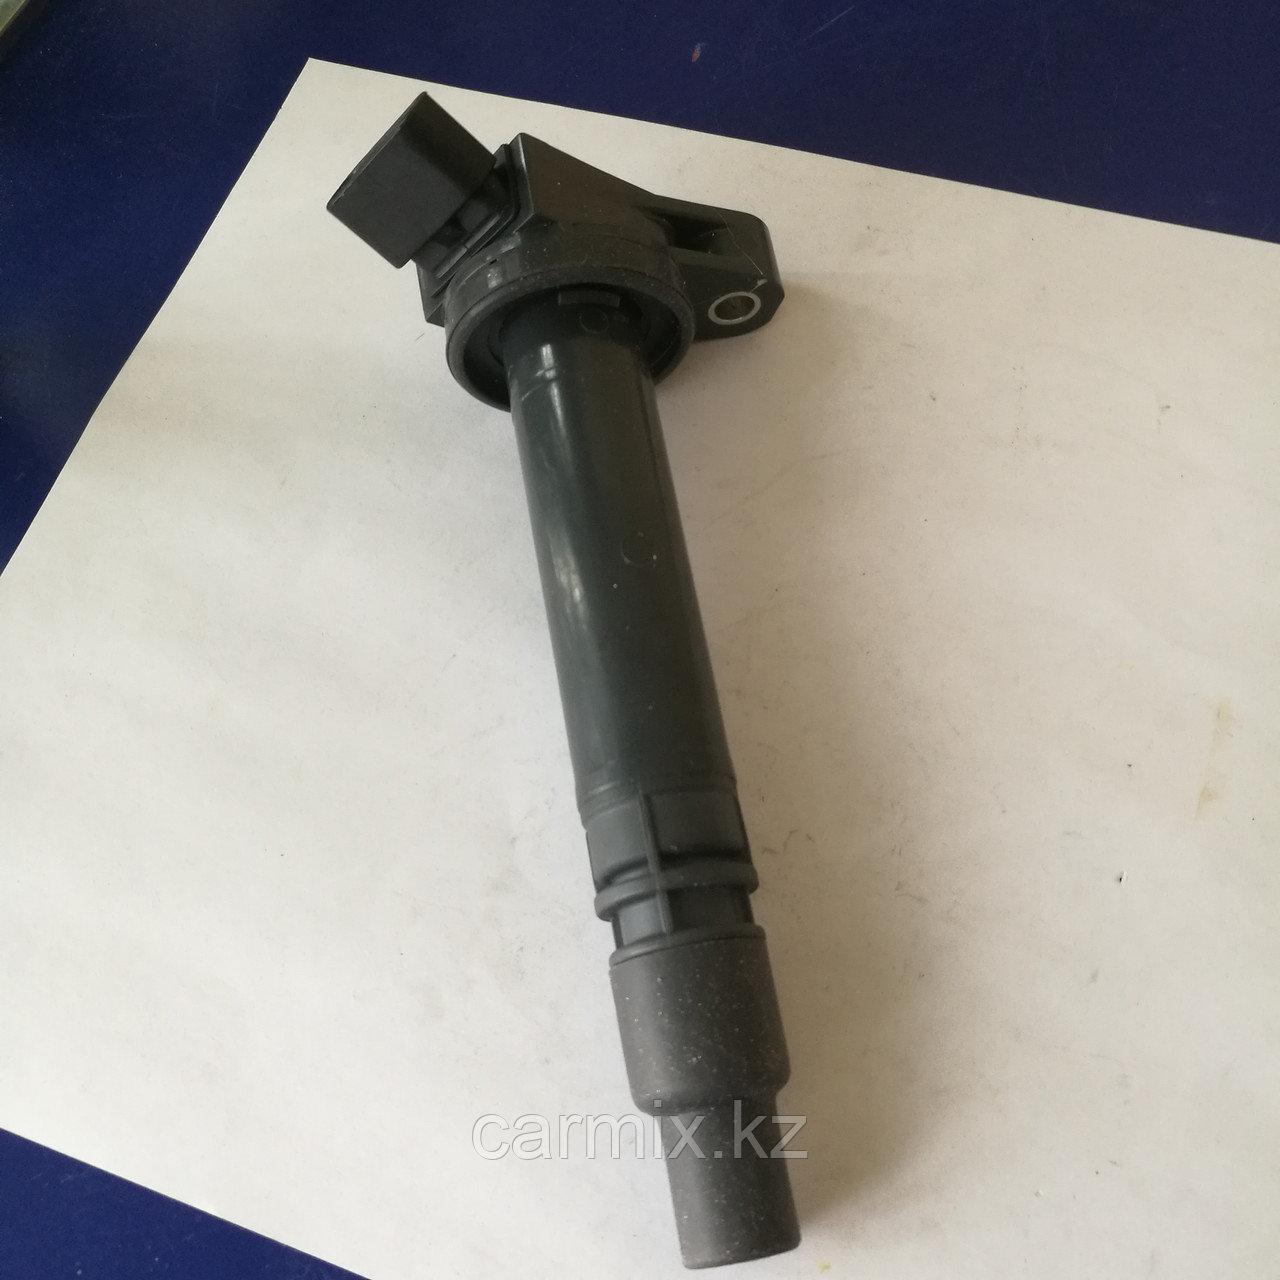 Катушка зажигания LAND CRUISER 200 URJ200, GS300 GRS196, GRS195, LX570 URJ201